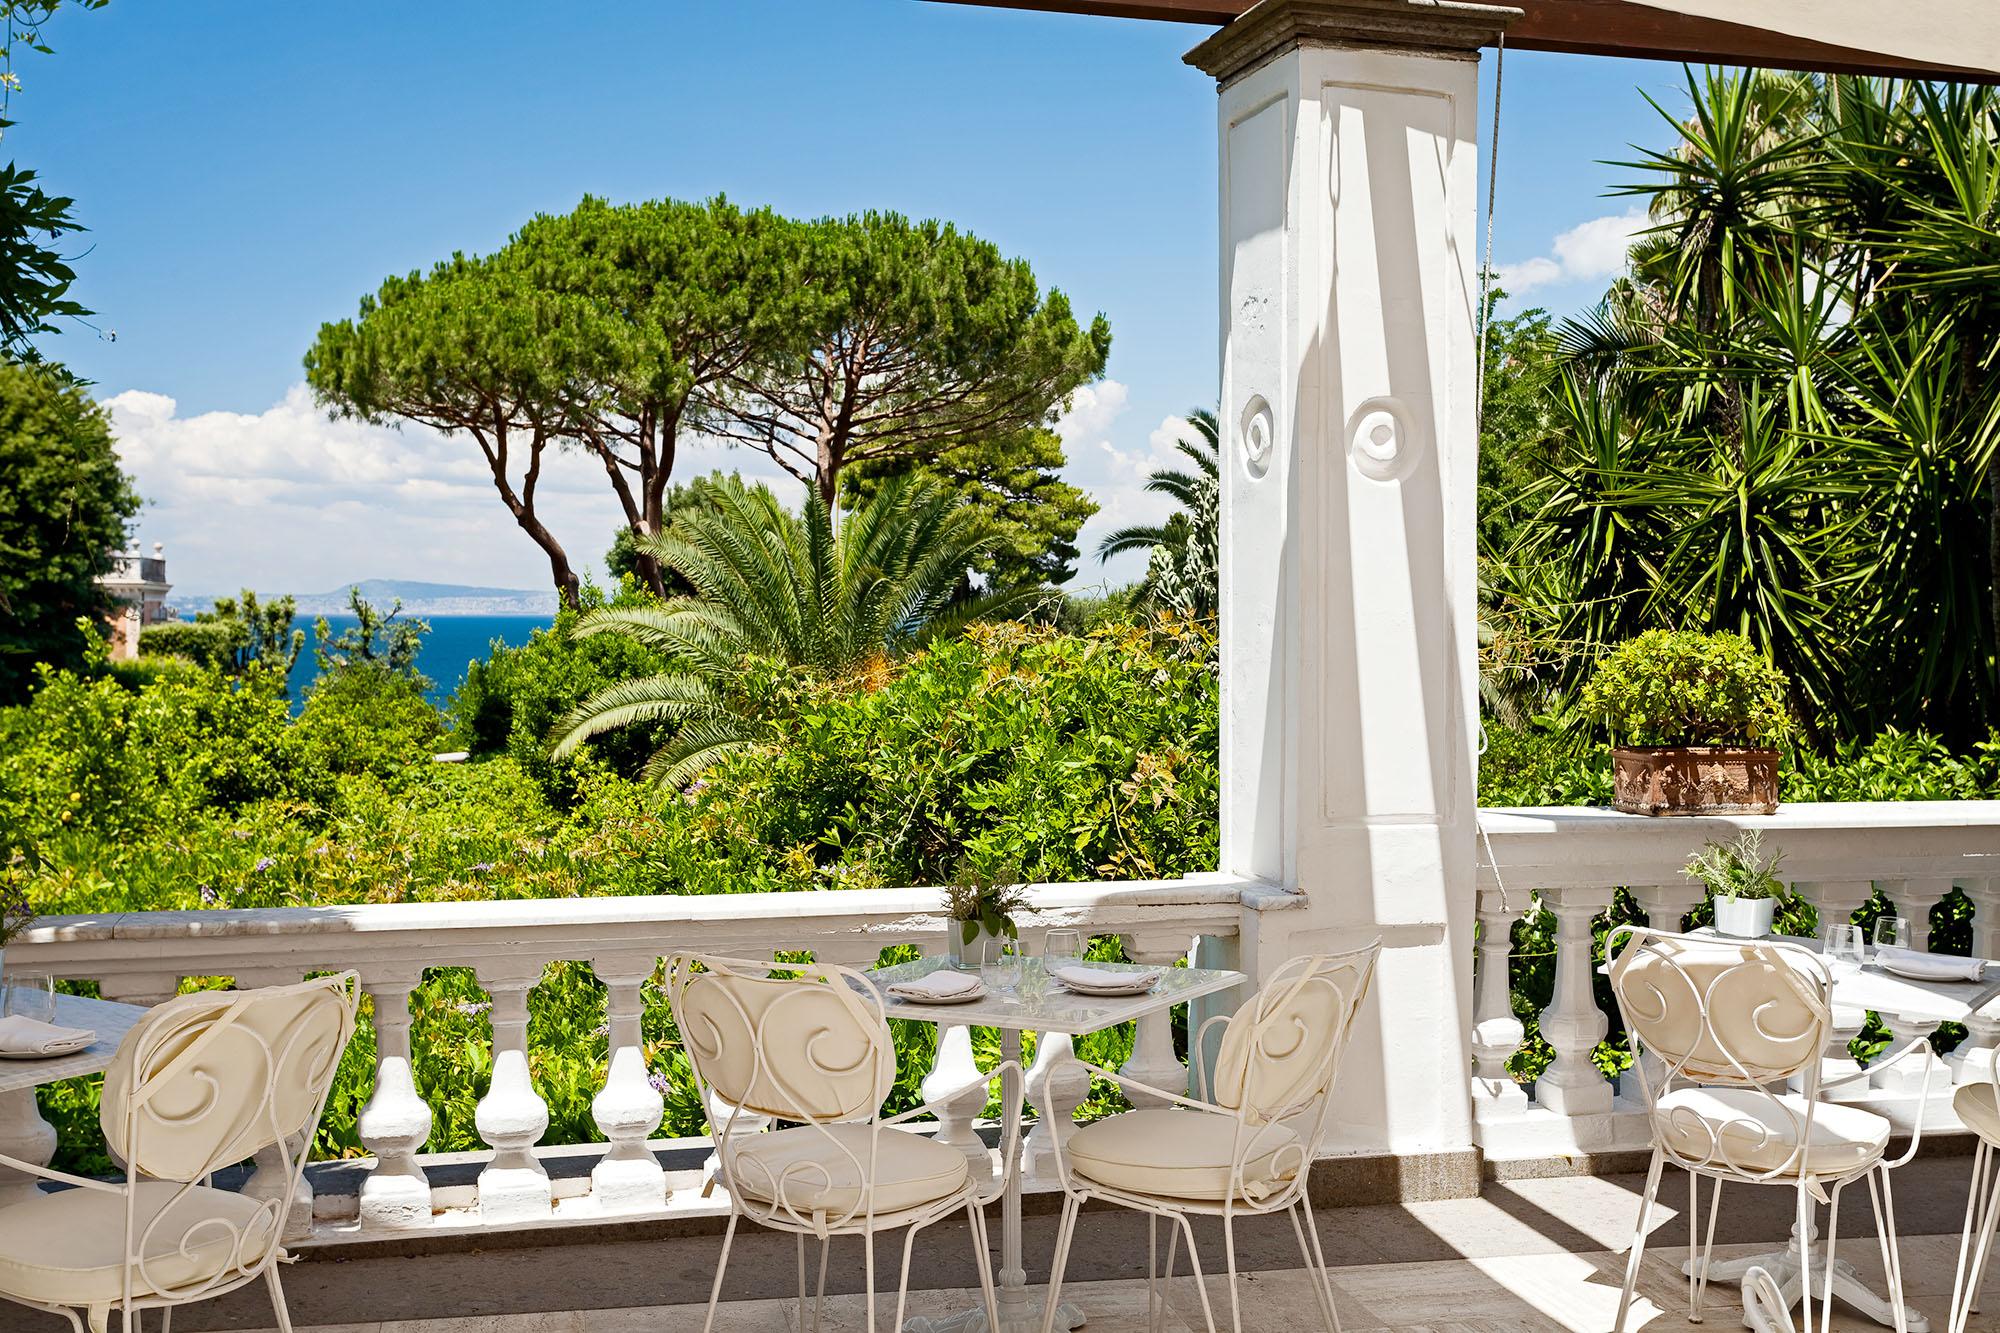 Photo de la belle terrasse avec une magnifique vue sur l'extérieur, on y trouve sur cette photo une trois table, dont une table au milieu avec deux chaises